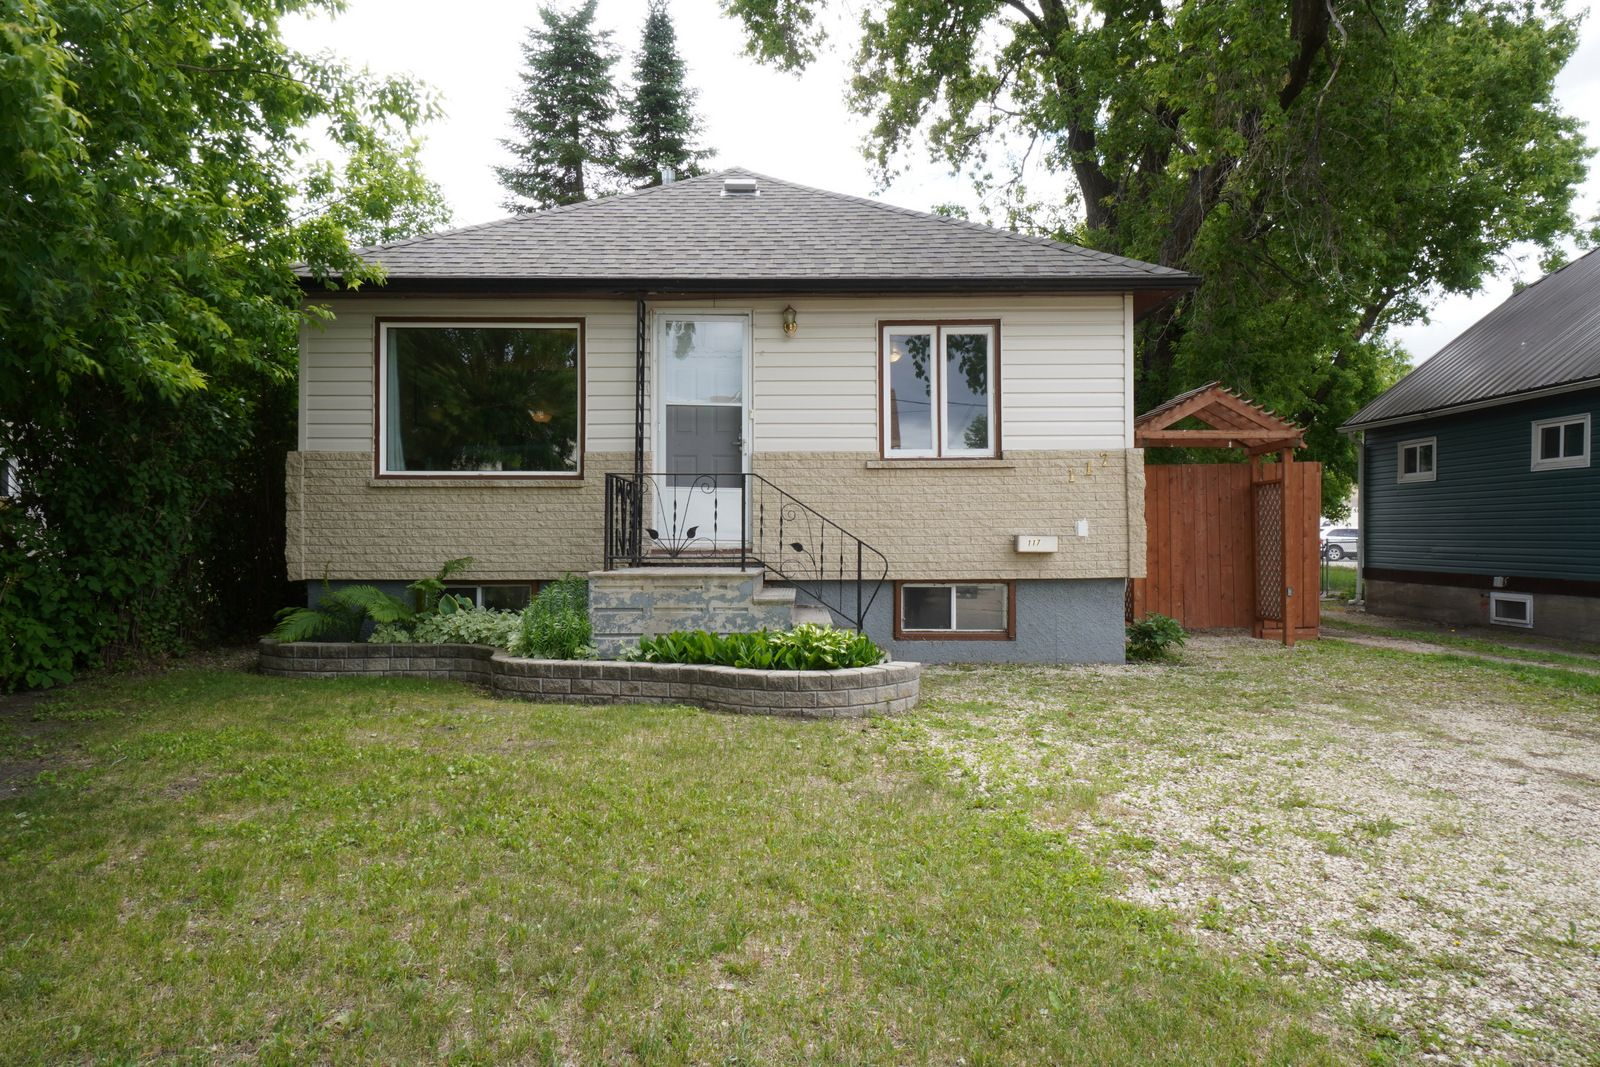 Main Photo: 117 Lorne Avenue E in Portage la Prairie: House for sale : MLS®# 202115159